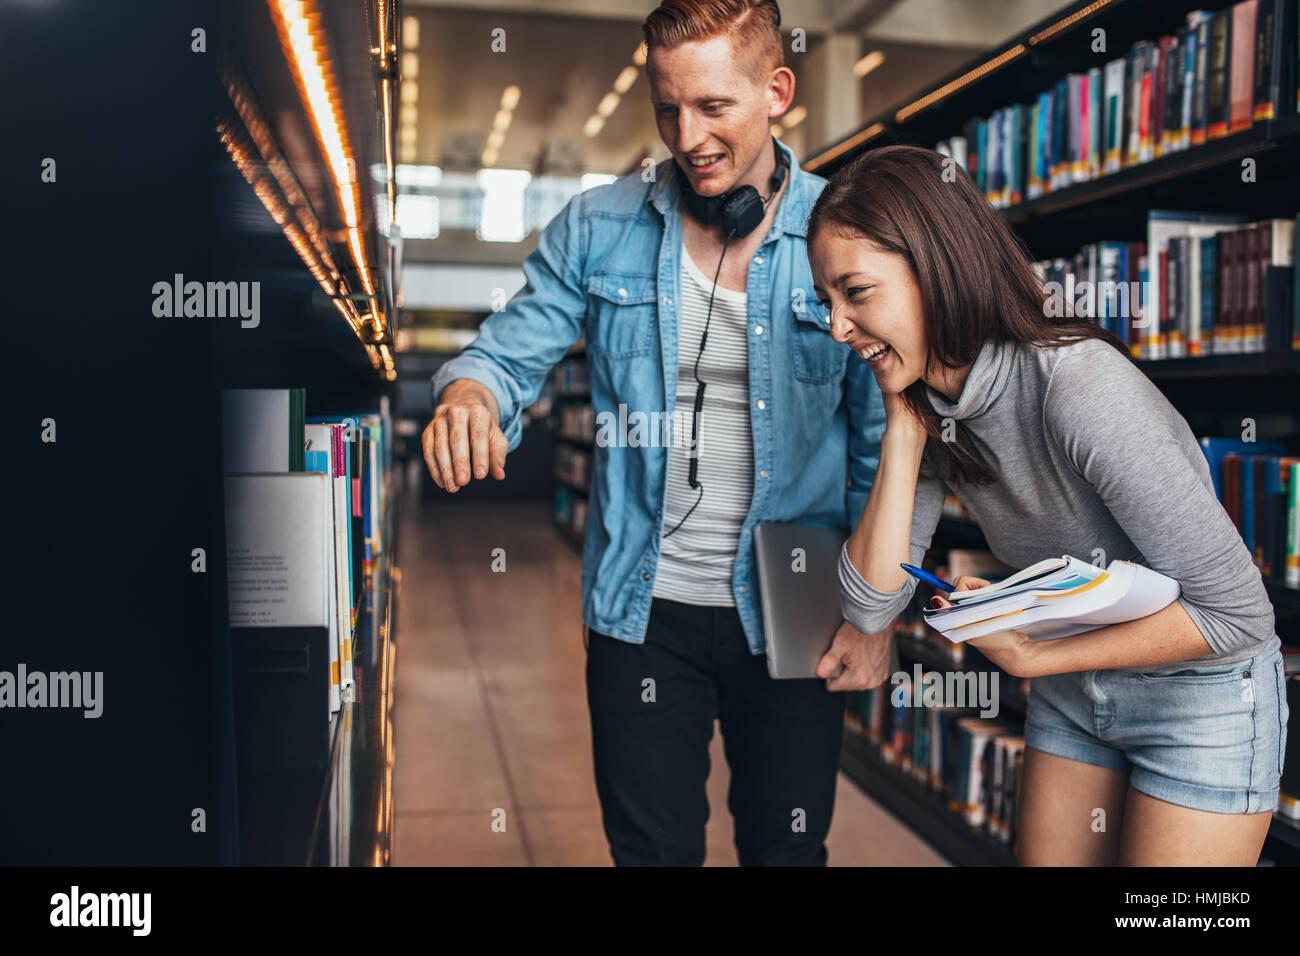 Imagen de hombre joven y feliz mujer de pie por la estantería de libros en la biblioteca y busca libros. Biblioteca Imagen De Stock